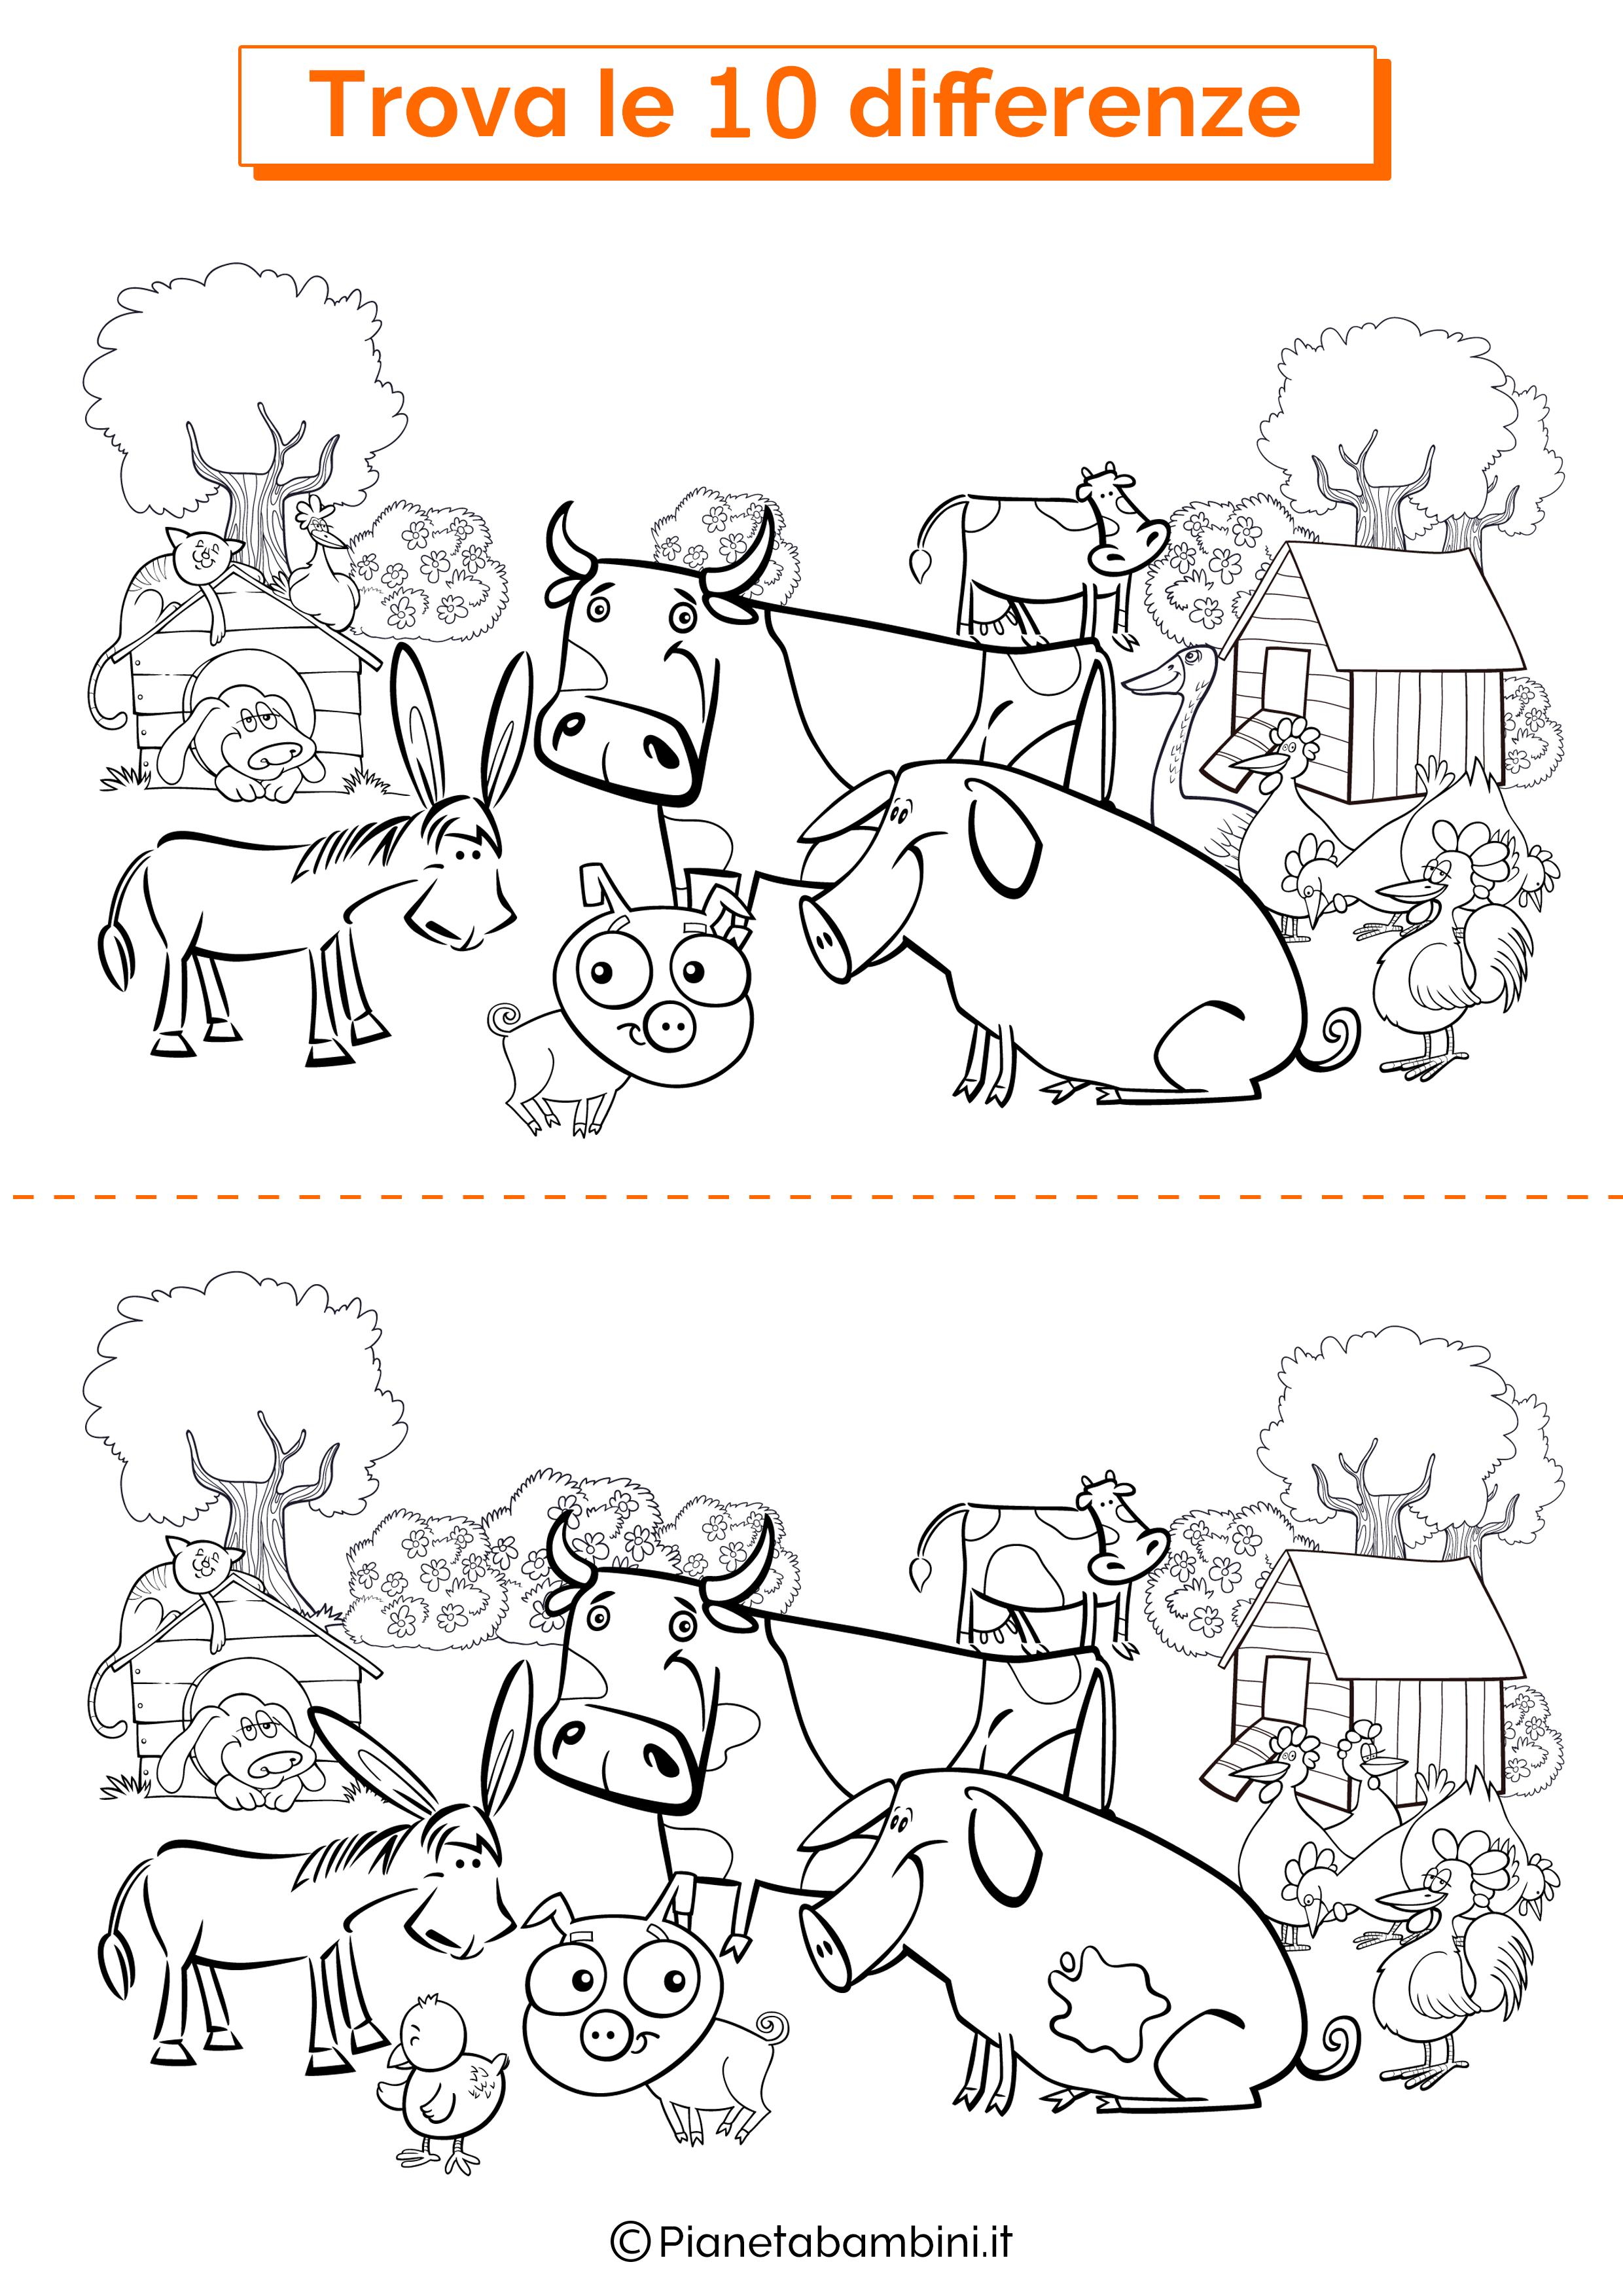 Disegno trova 10 differenze animali della fattoria 1